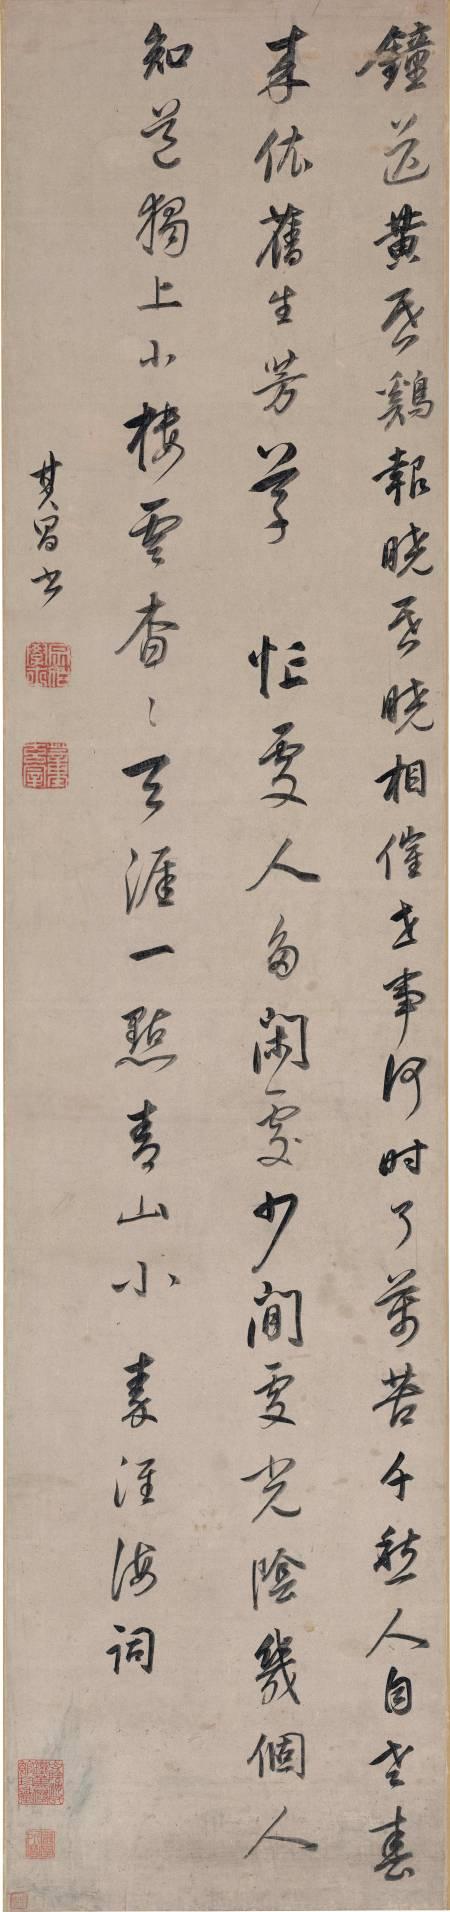 録王詵蝶戀花詞